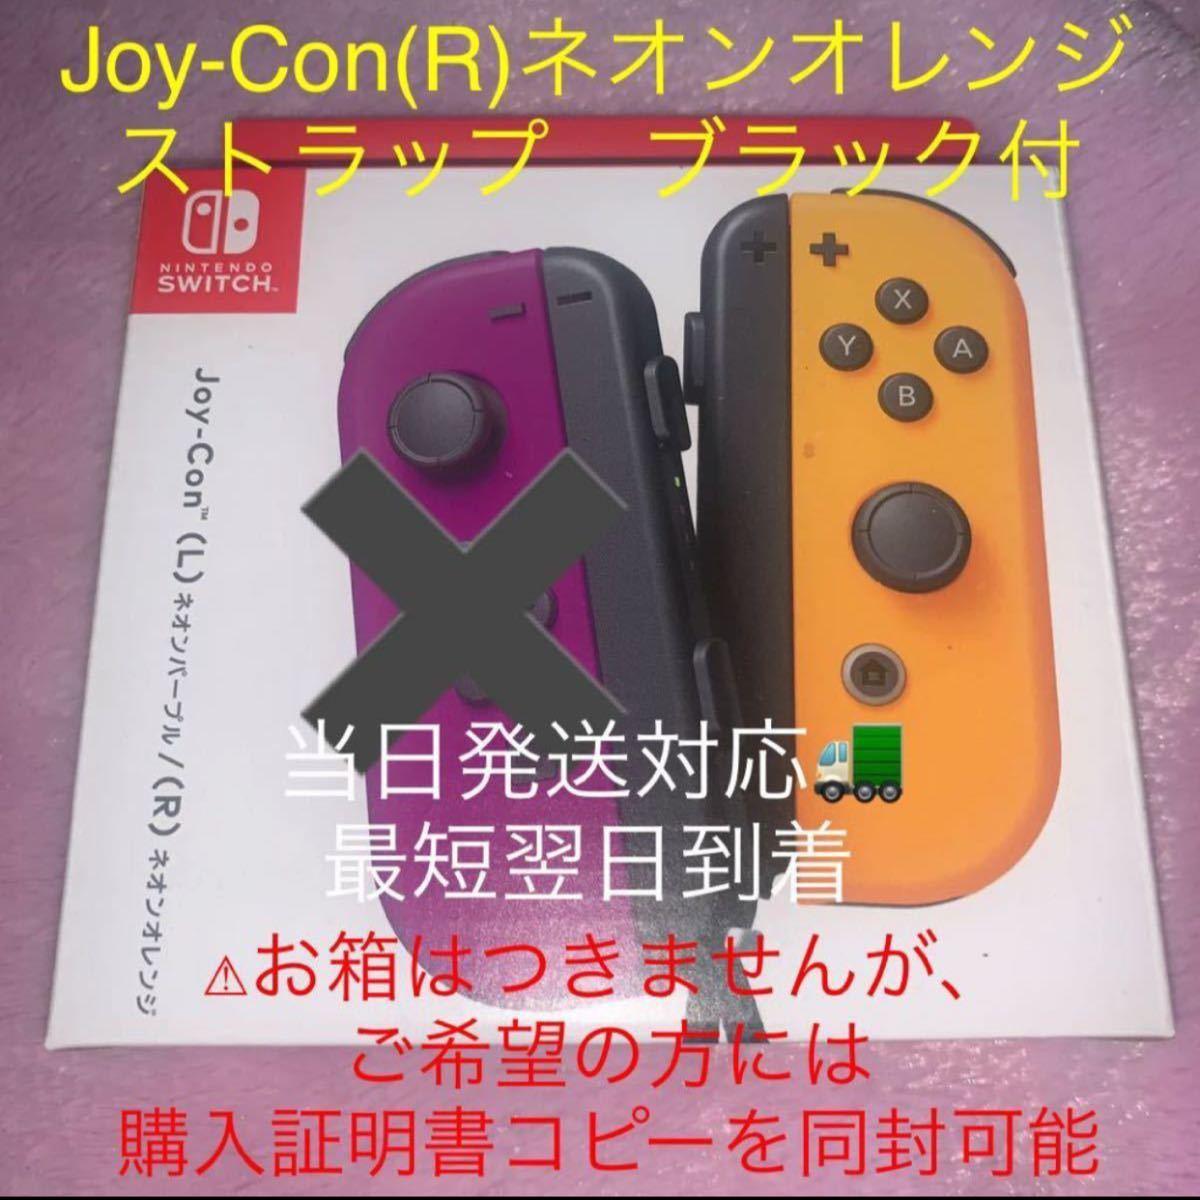 新品 未使用 Nintendo Switch Joy-Con (R) ネオンオレンジ ストラップ ブラック スイッチ ジョイコン